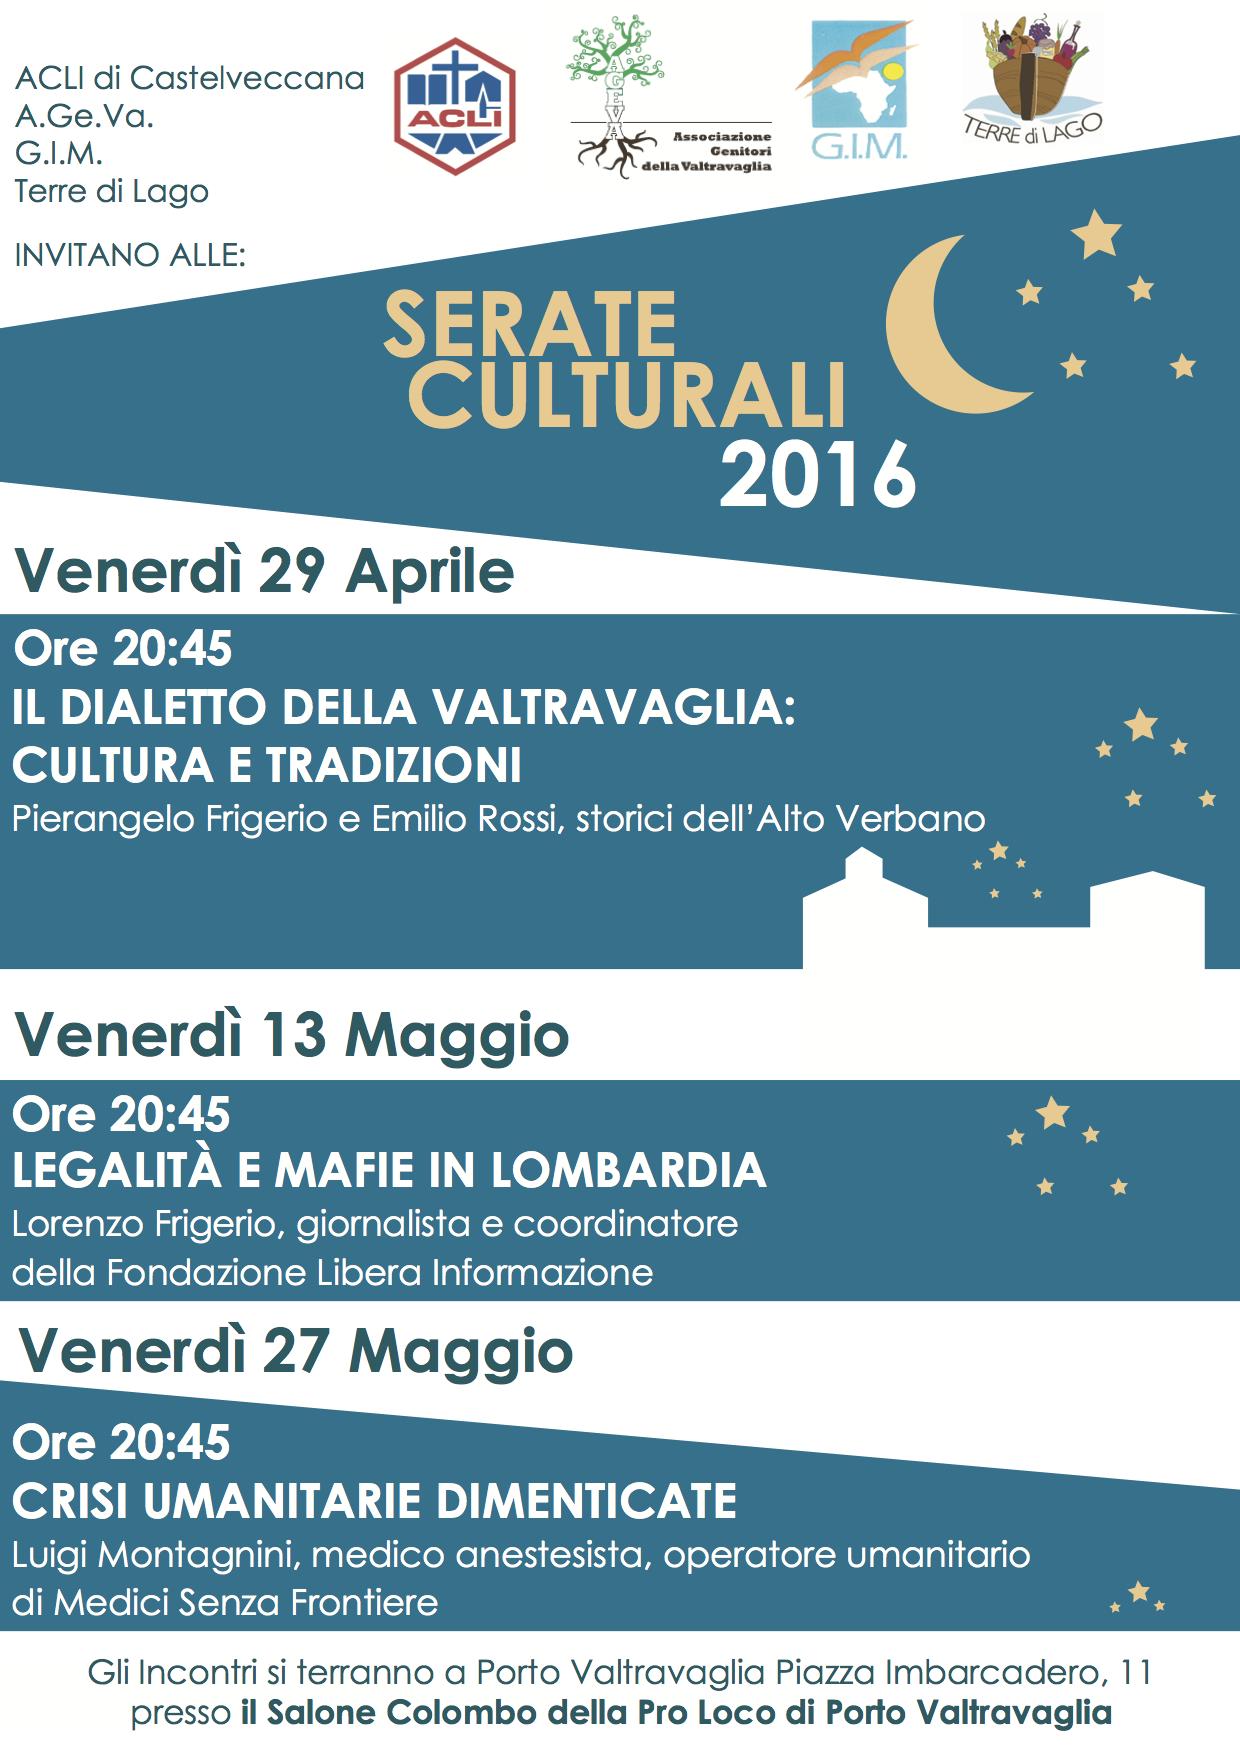 """A Porto Valtravaglia le """"Serate Culturali 2016"""": si inizia domani sera al Salone Colombo"""